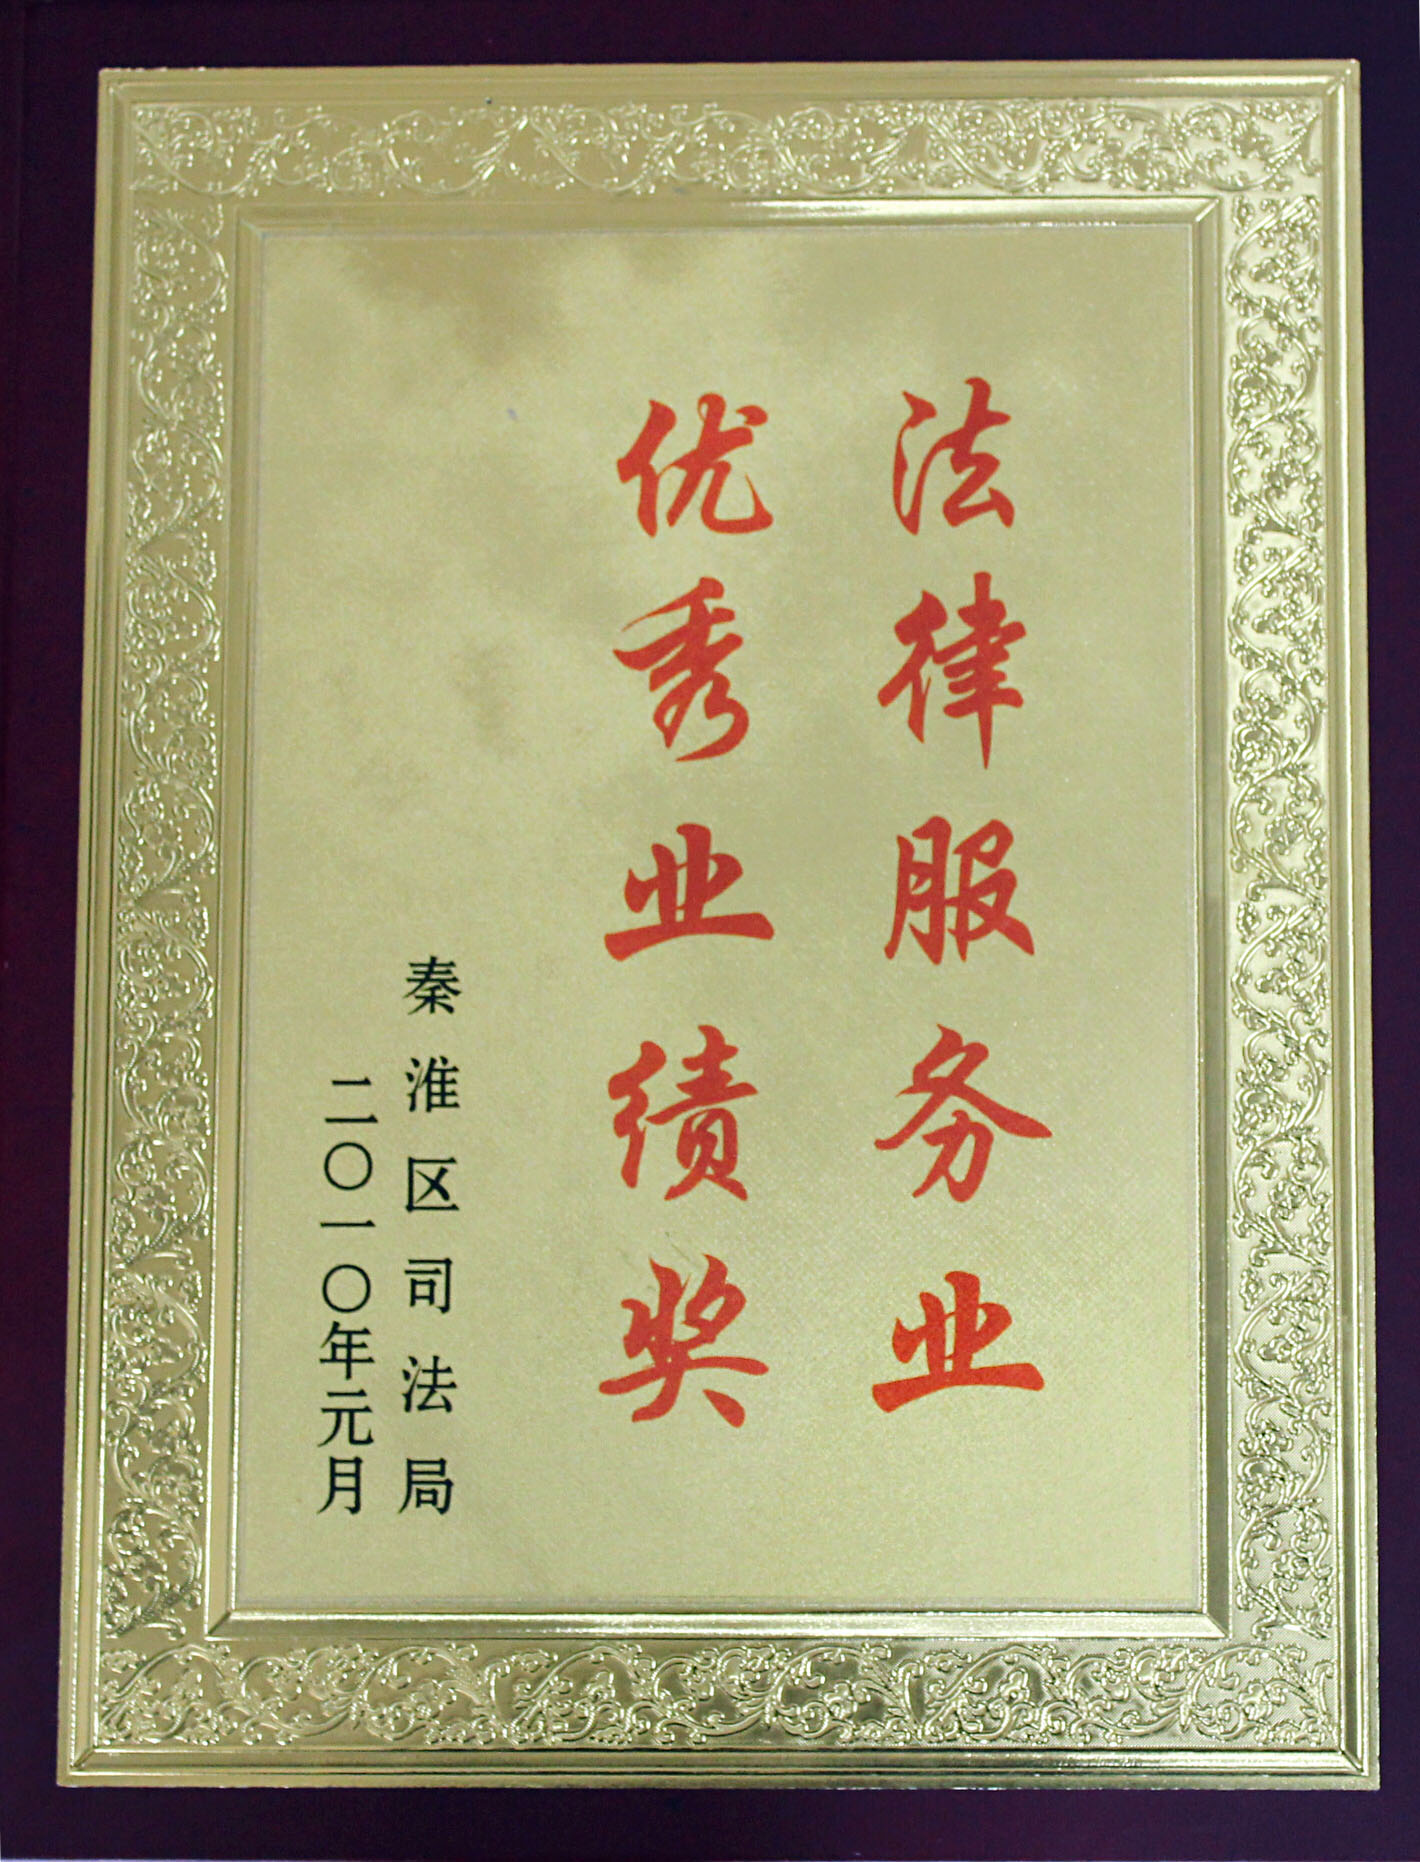 2010年秦淮區法律服務業優秀業績獎